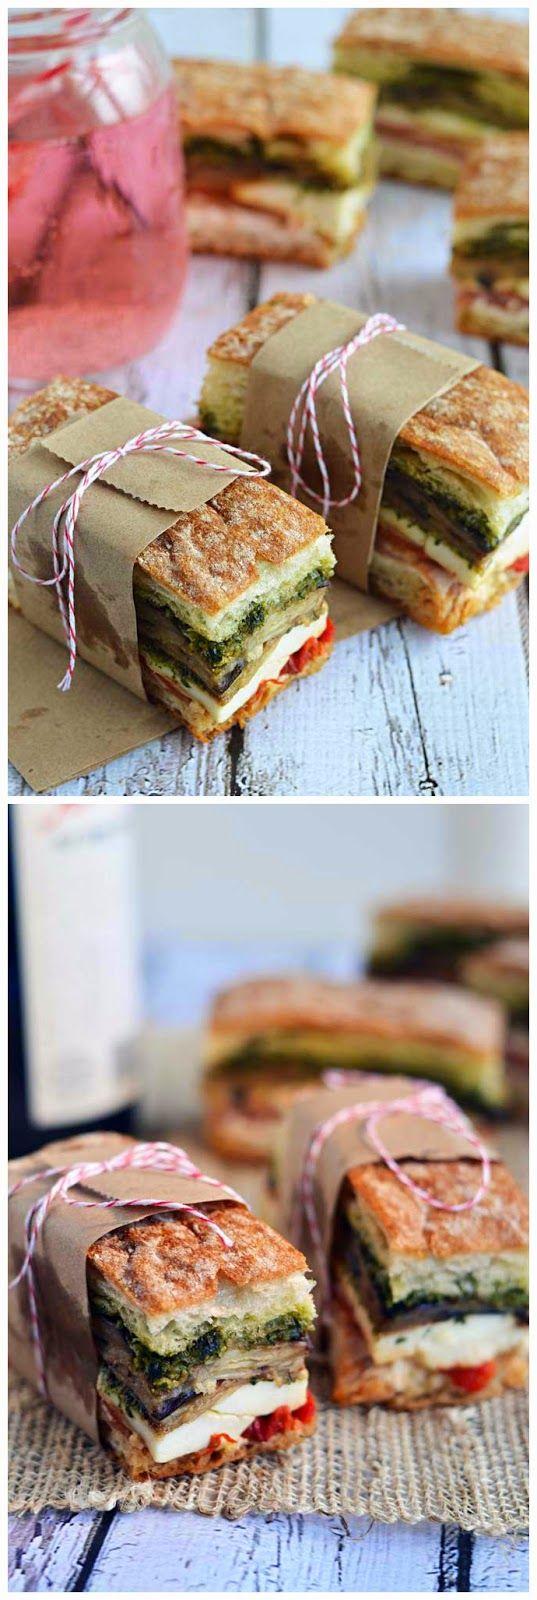 Eggplant, Prosciutto, & Pesto Pressed Picnic Sandwiches ~ All Kind of Greatness